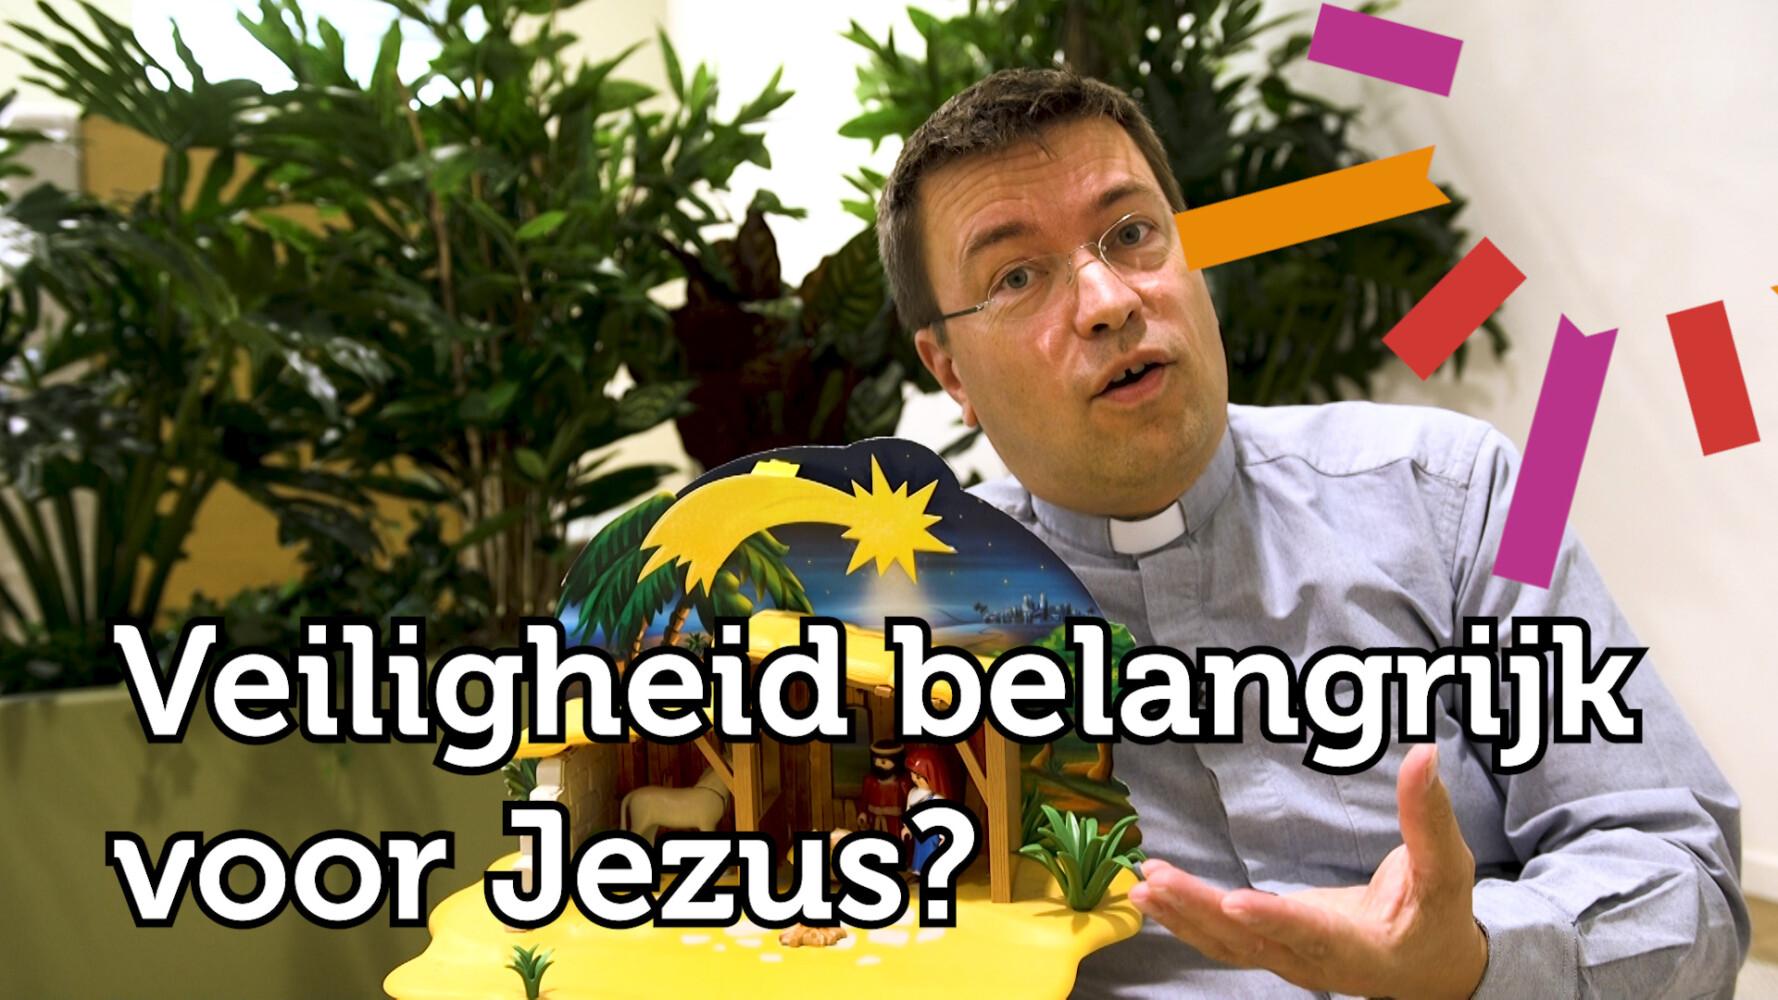 Veiligheid belangrijk voor baby's, maar niet voor Jezus? (+ video)